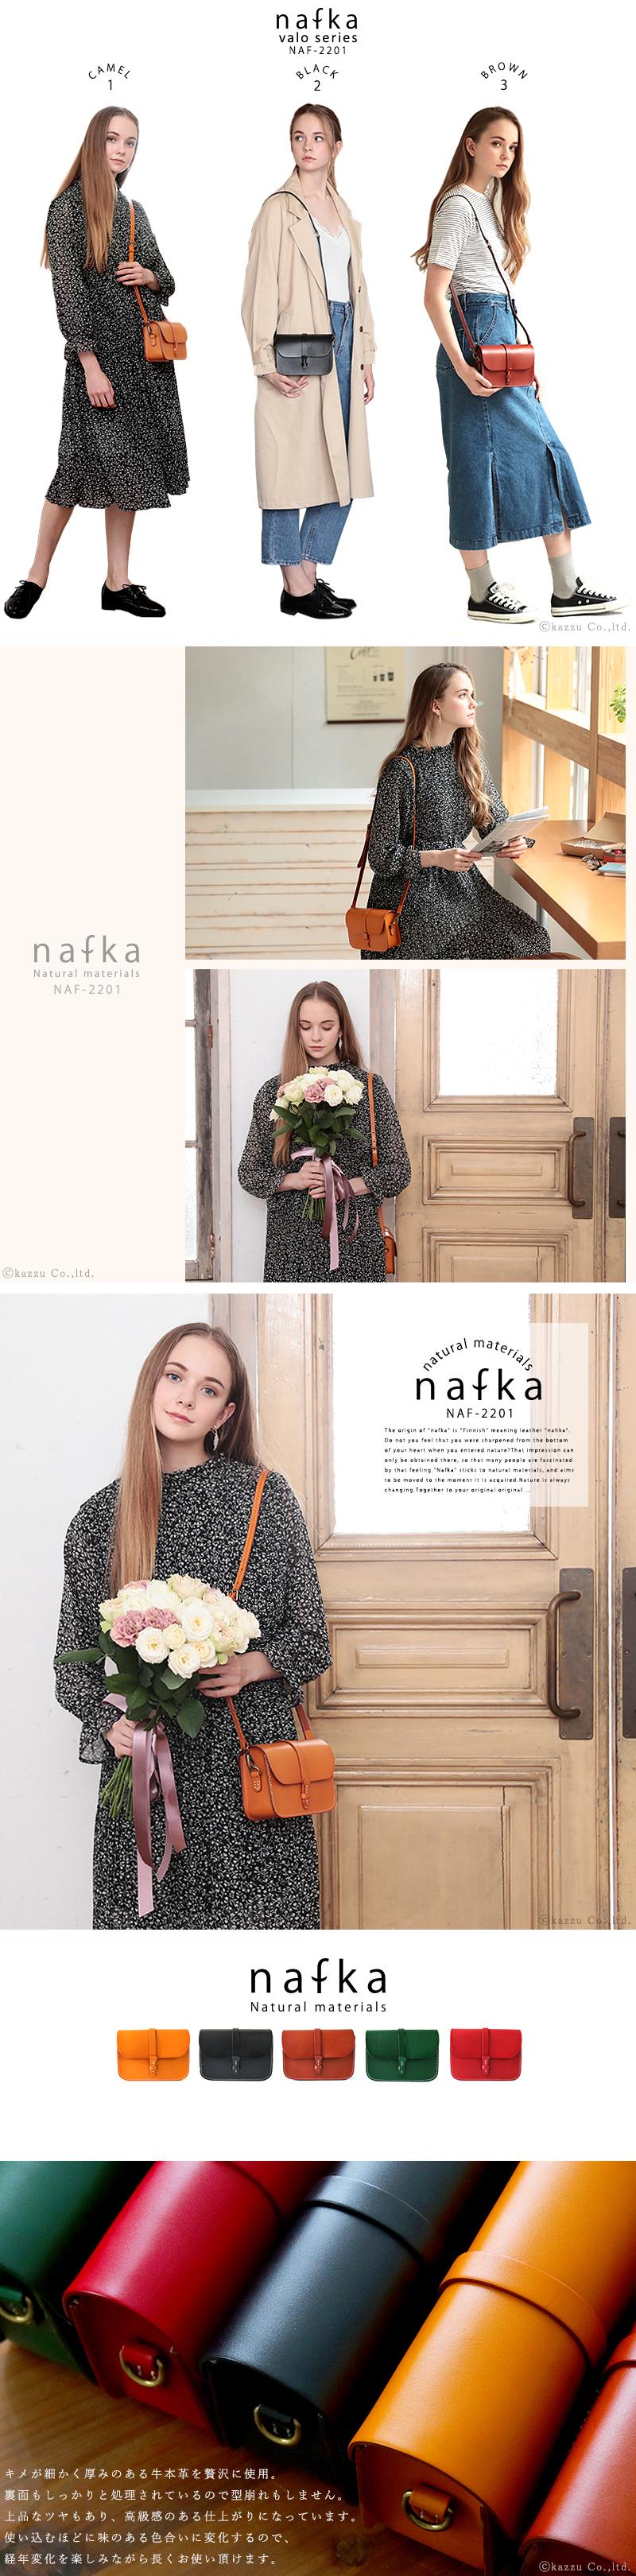 nafka-ナフカ- 本革 ハンドステッチ ミニショルダーバッグ デートやおでかけにおすすめ!